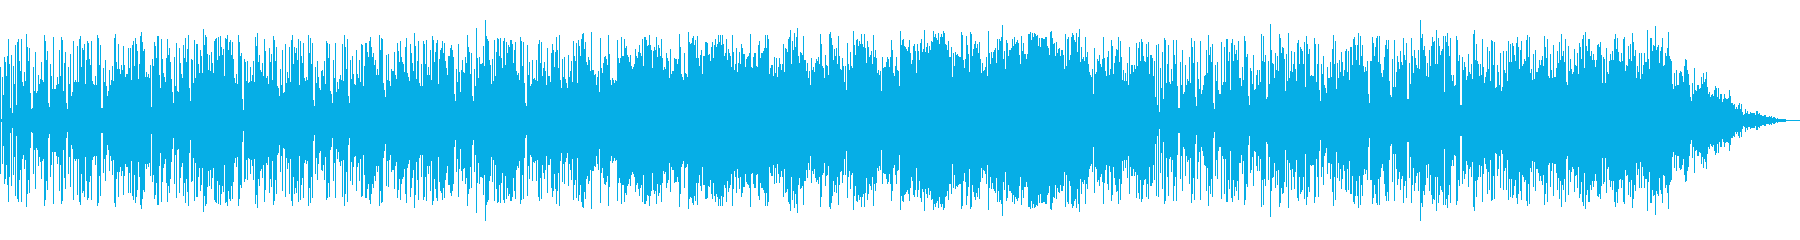 シンセリードの旋律が印象的なバラードの再生済みの波形